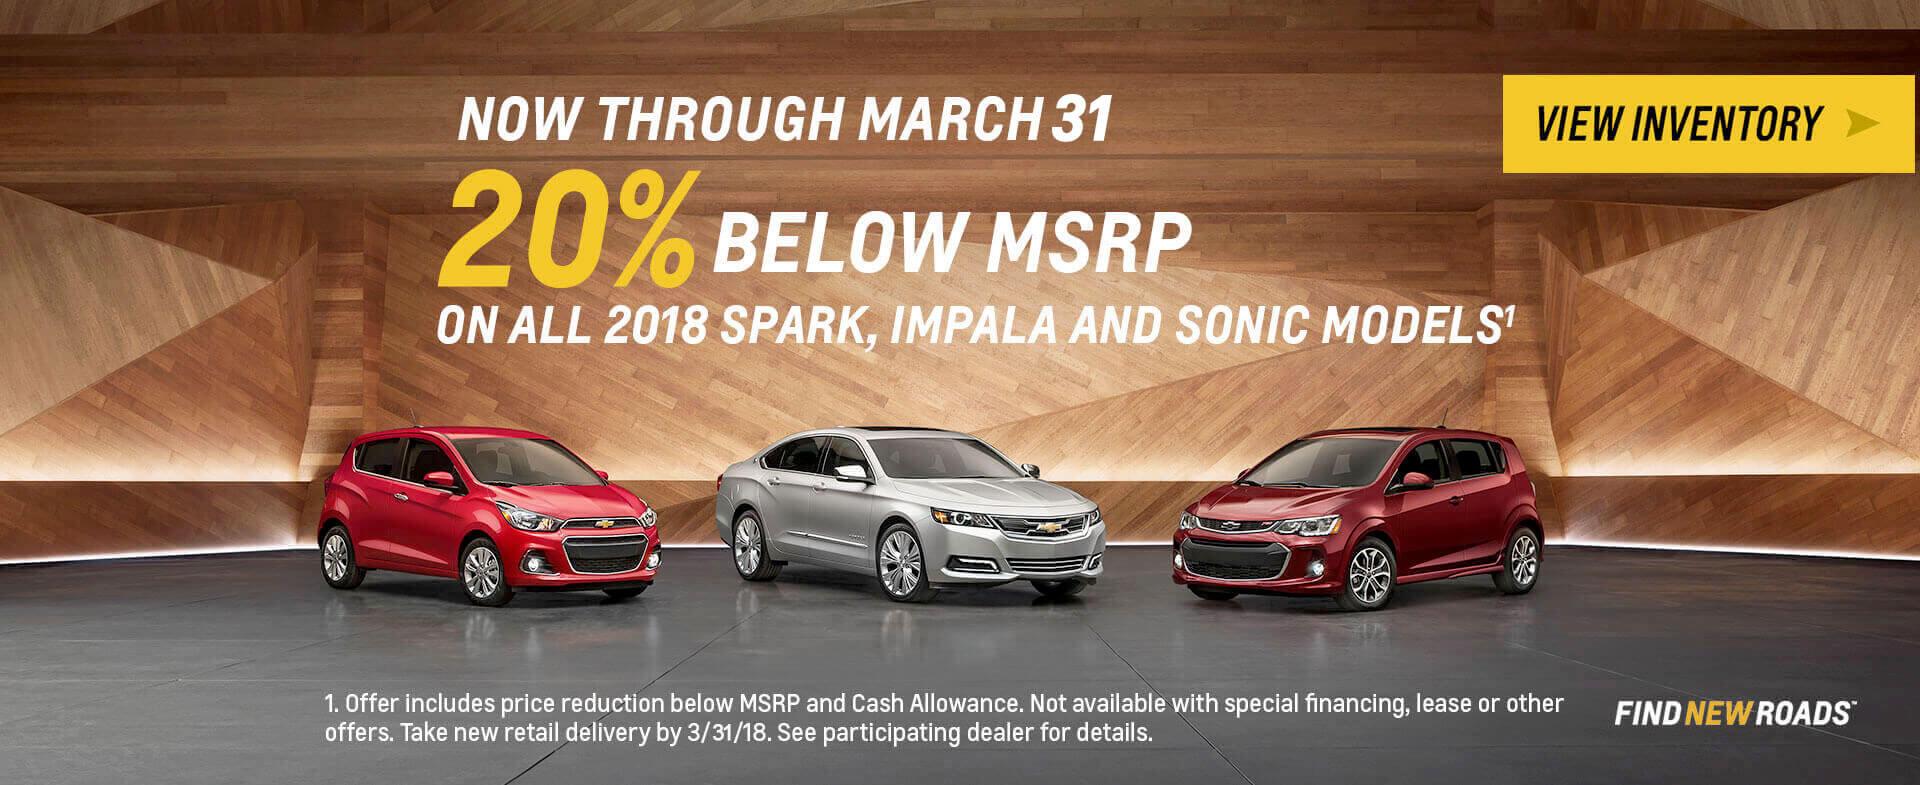 Sonic Spark Impala 20%